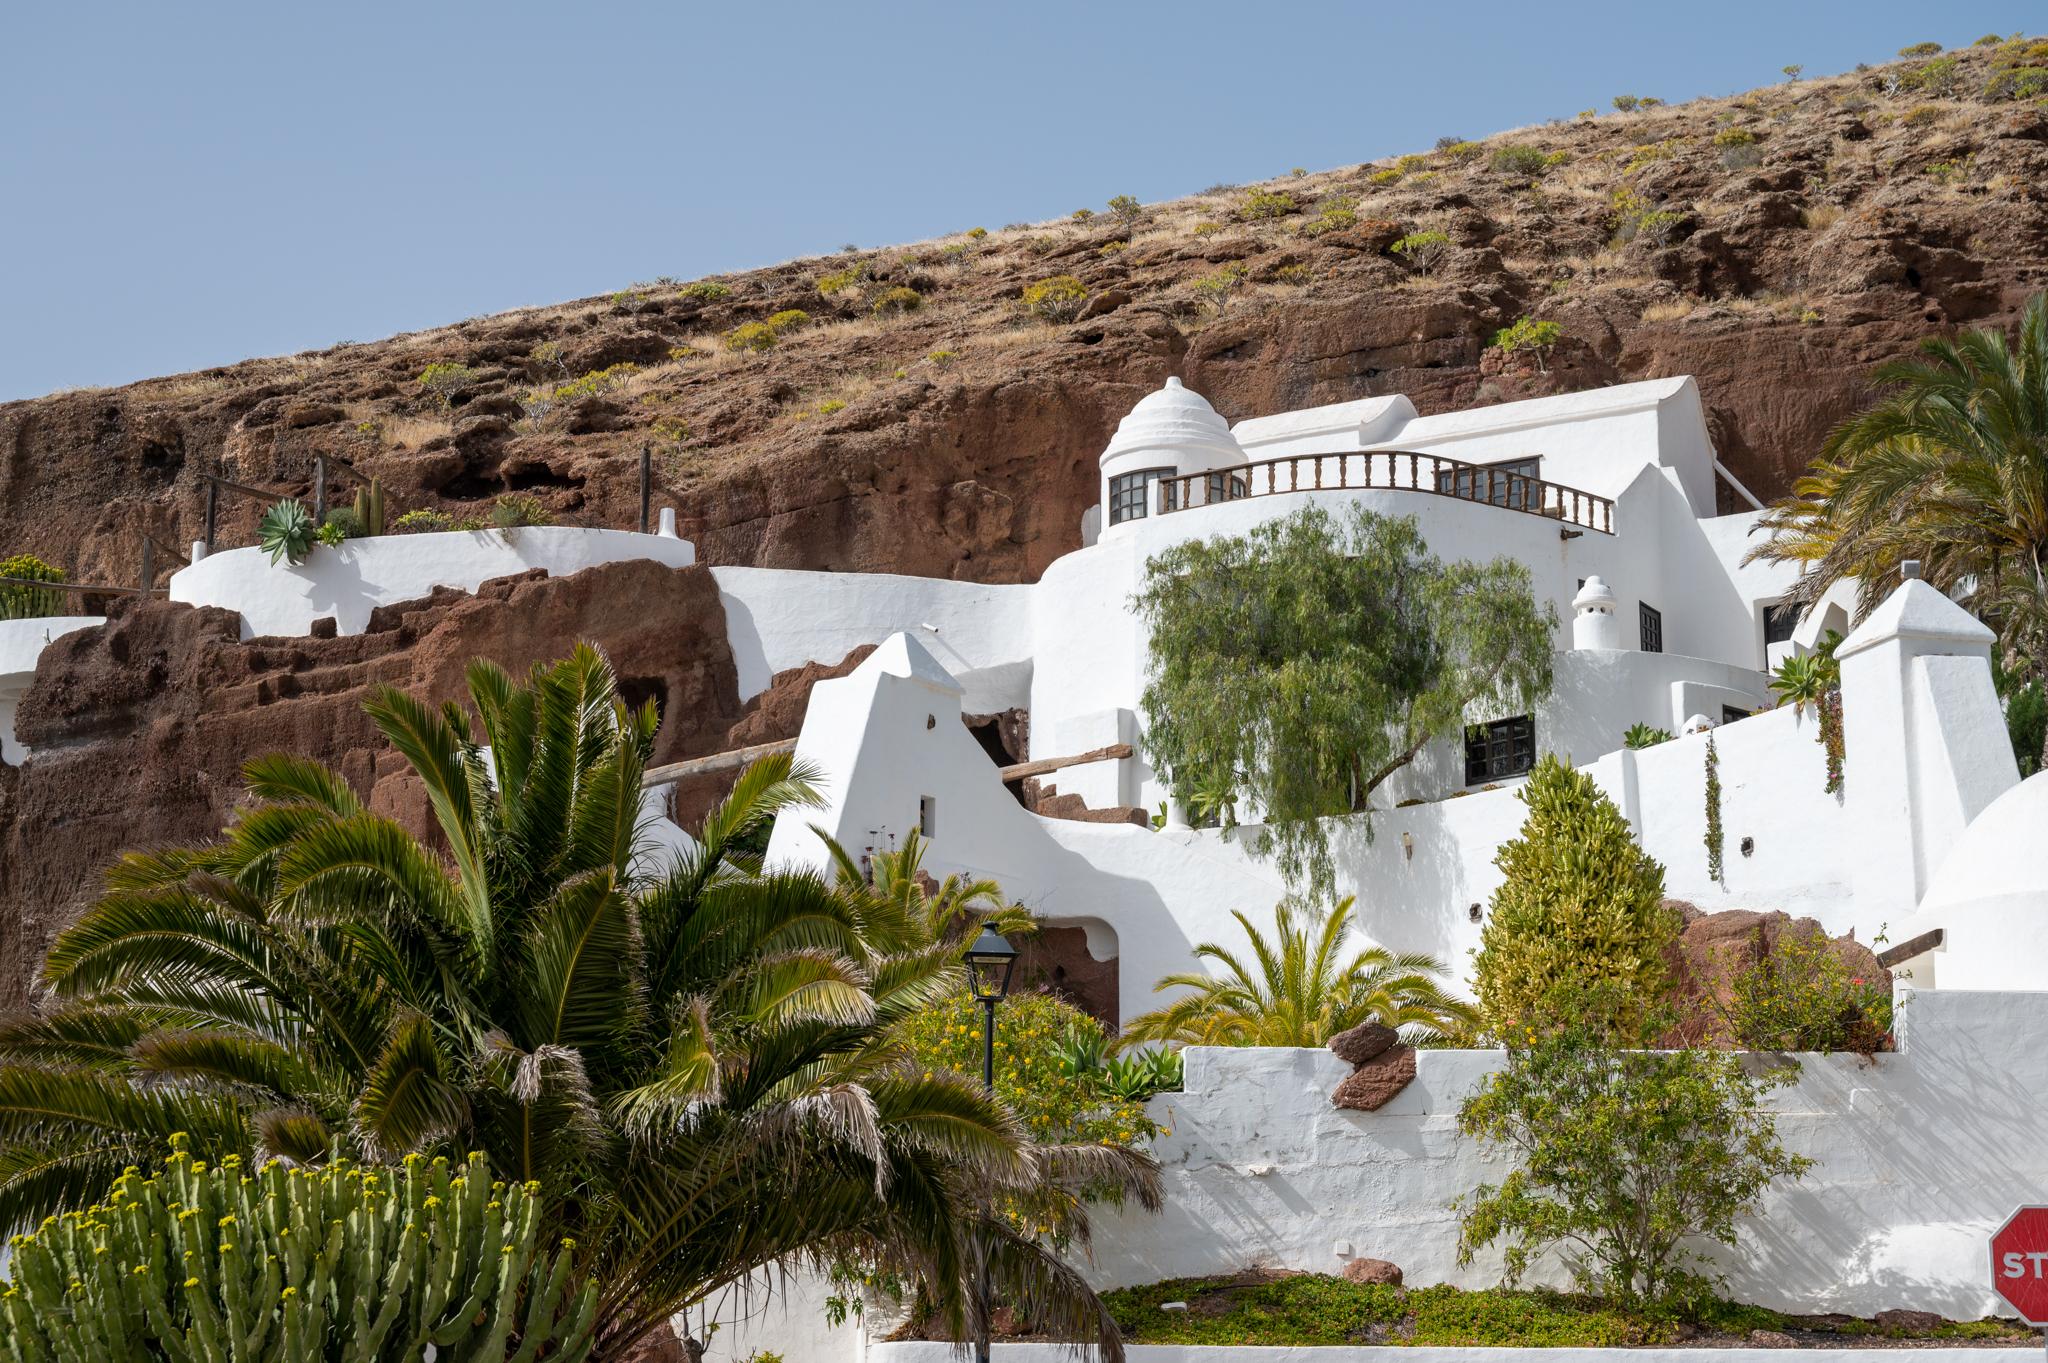 Lanzarote Sehenswürdigkeiten: Lagomar Museum